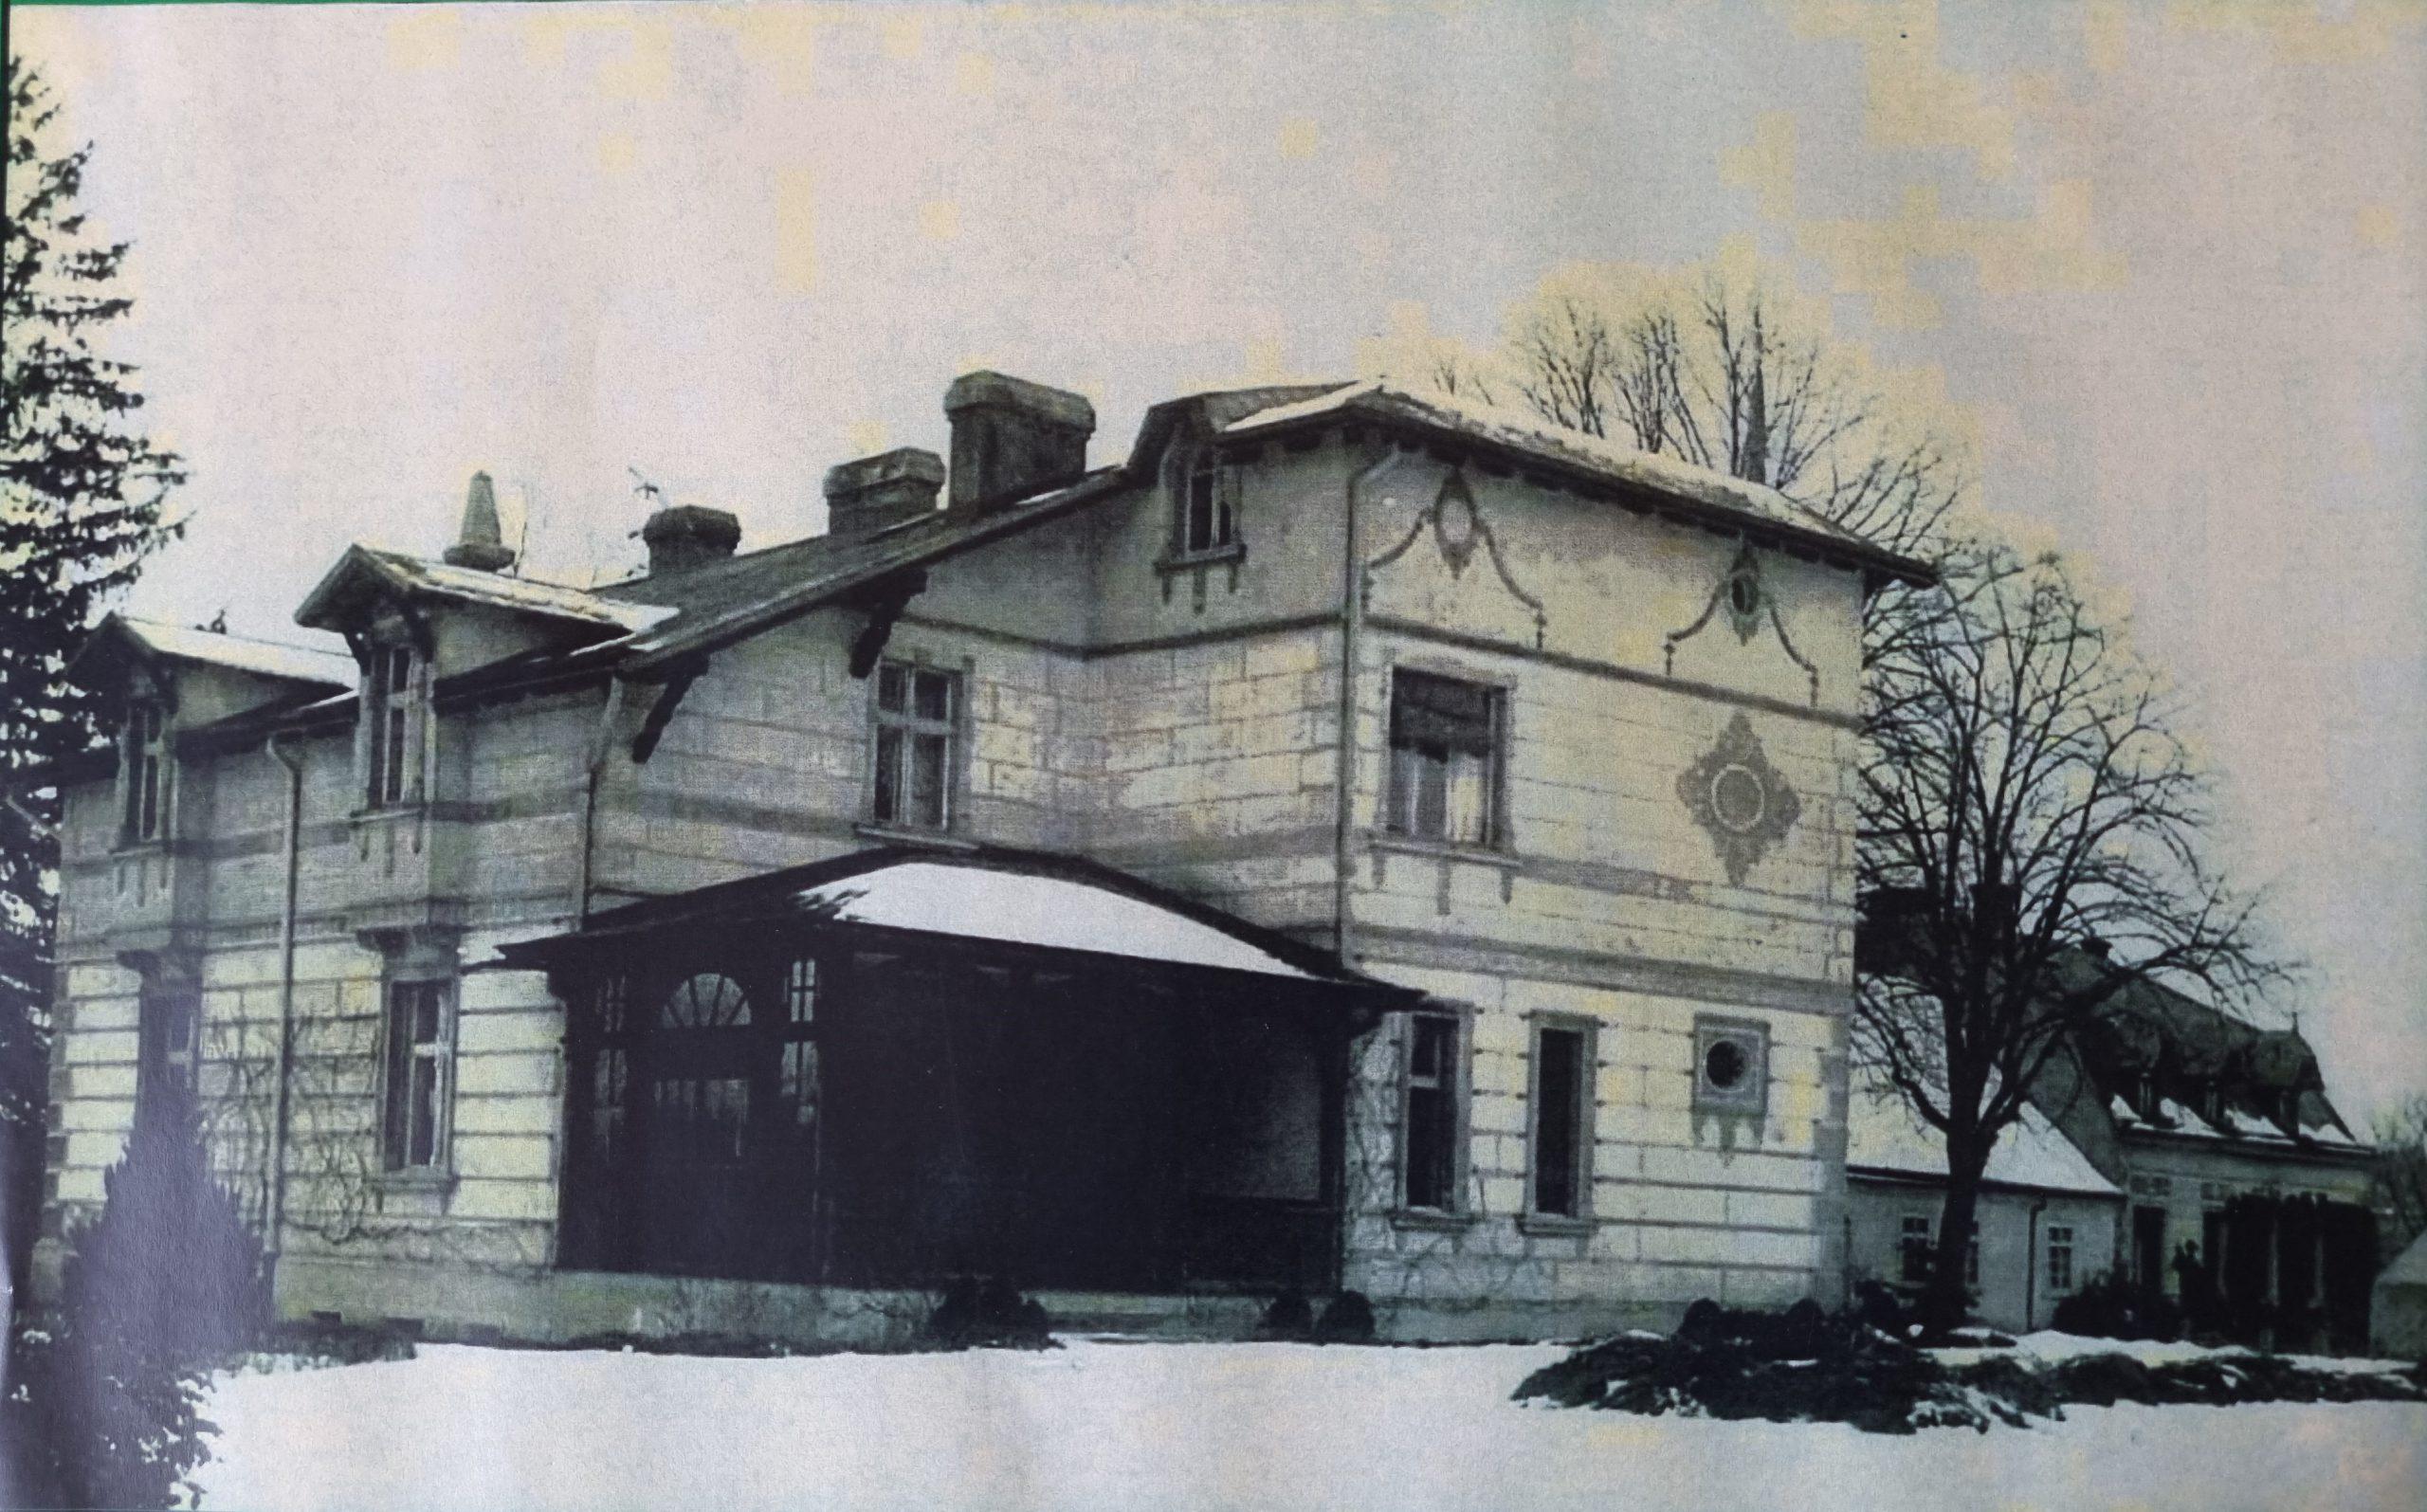 dw. w mn, willa i lew skrzydło ok. 1890 r